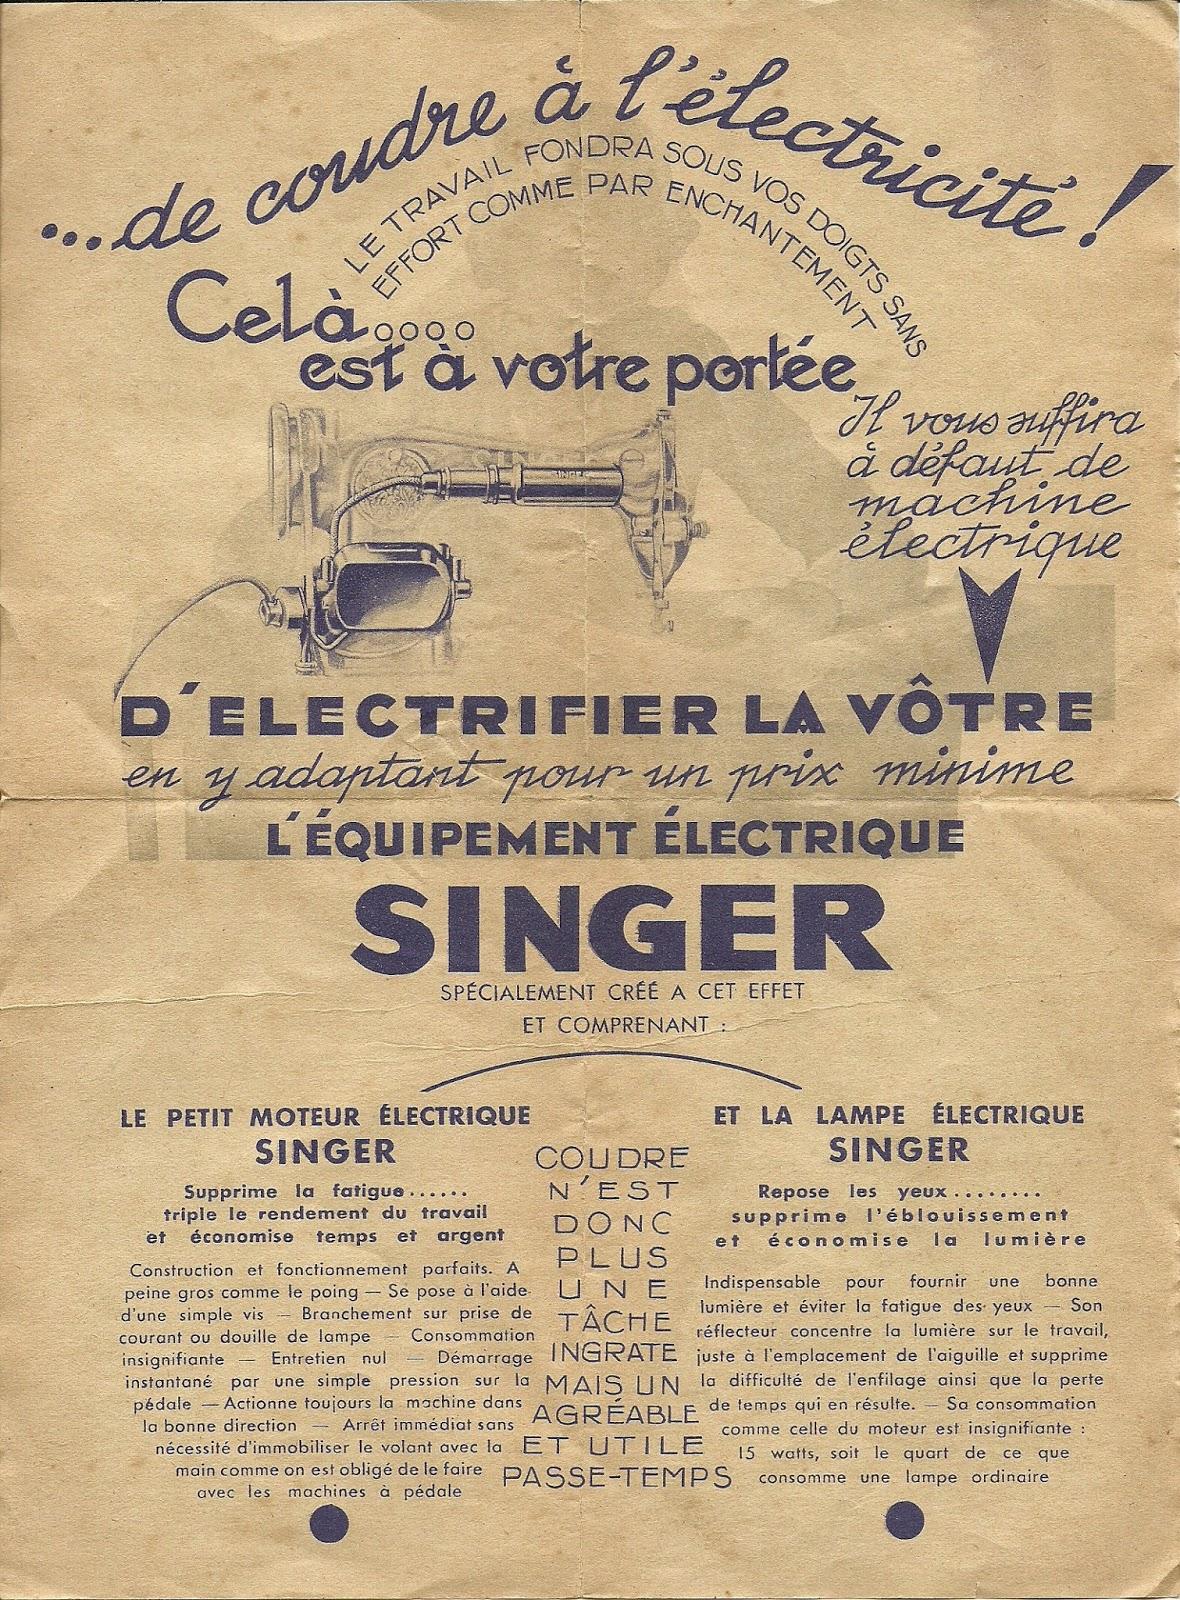 Les premiers moteurs électriques pour machines domestiques étaient offerts en option dans les années 20. Ils commencèrent à être intégrés à partir des années 30.